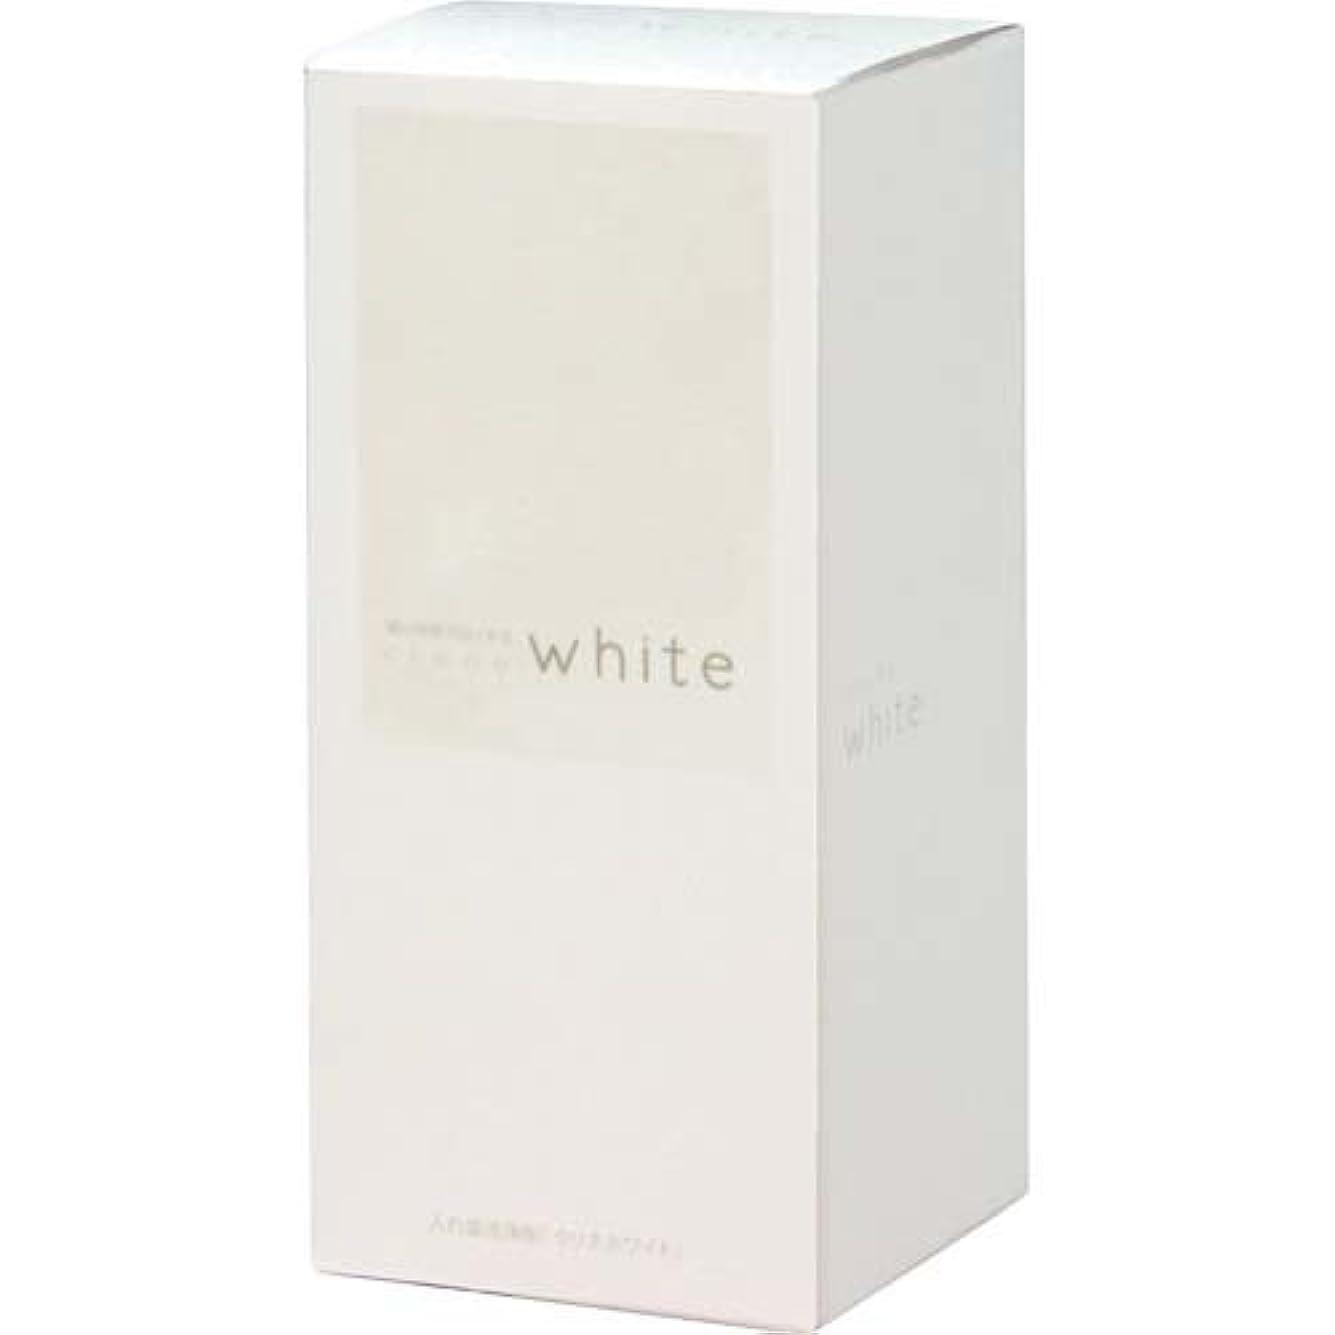 若い前兆忘れっぽい短い時間で白くする 強力入れ歯洗浄剤 クリネホワイト